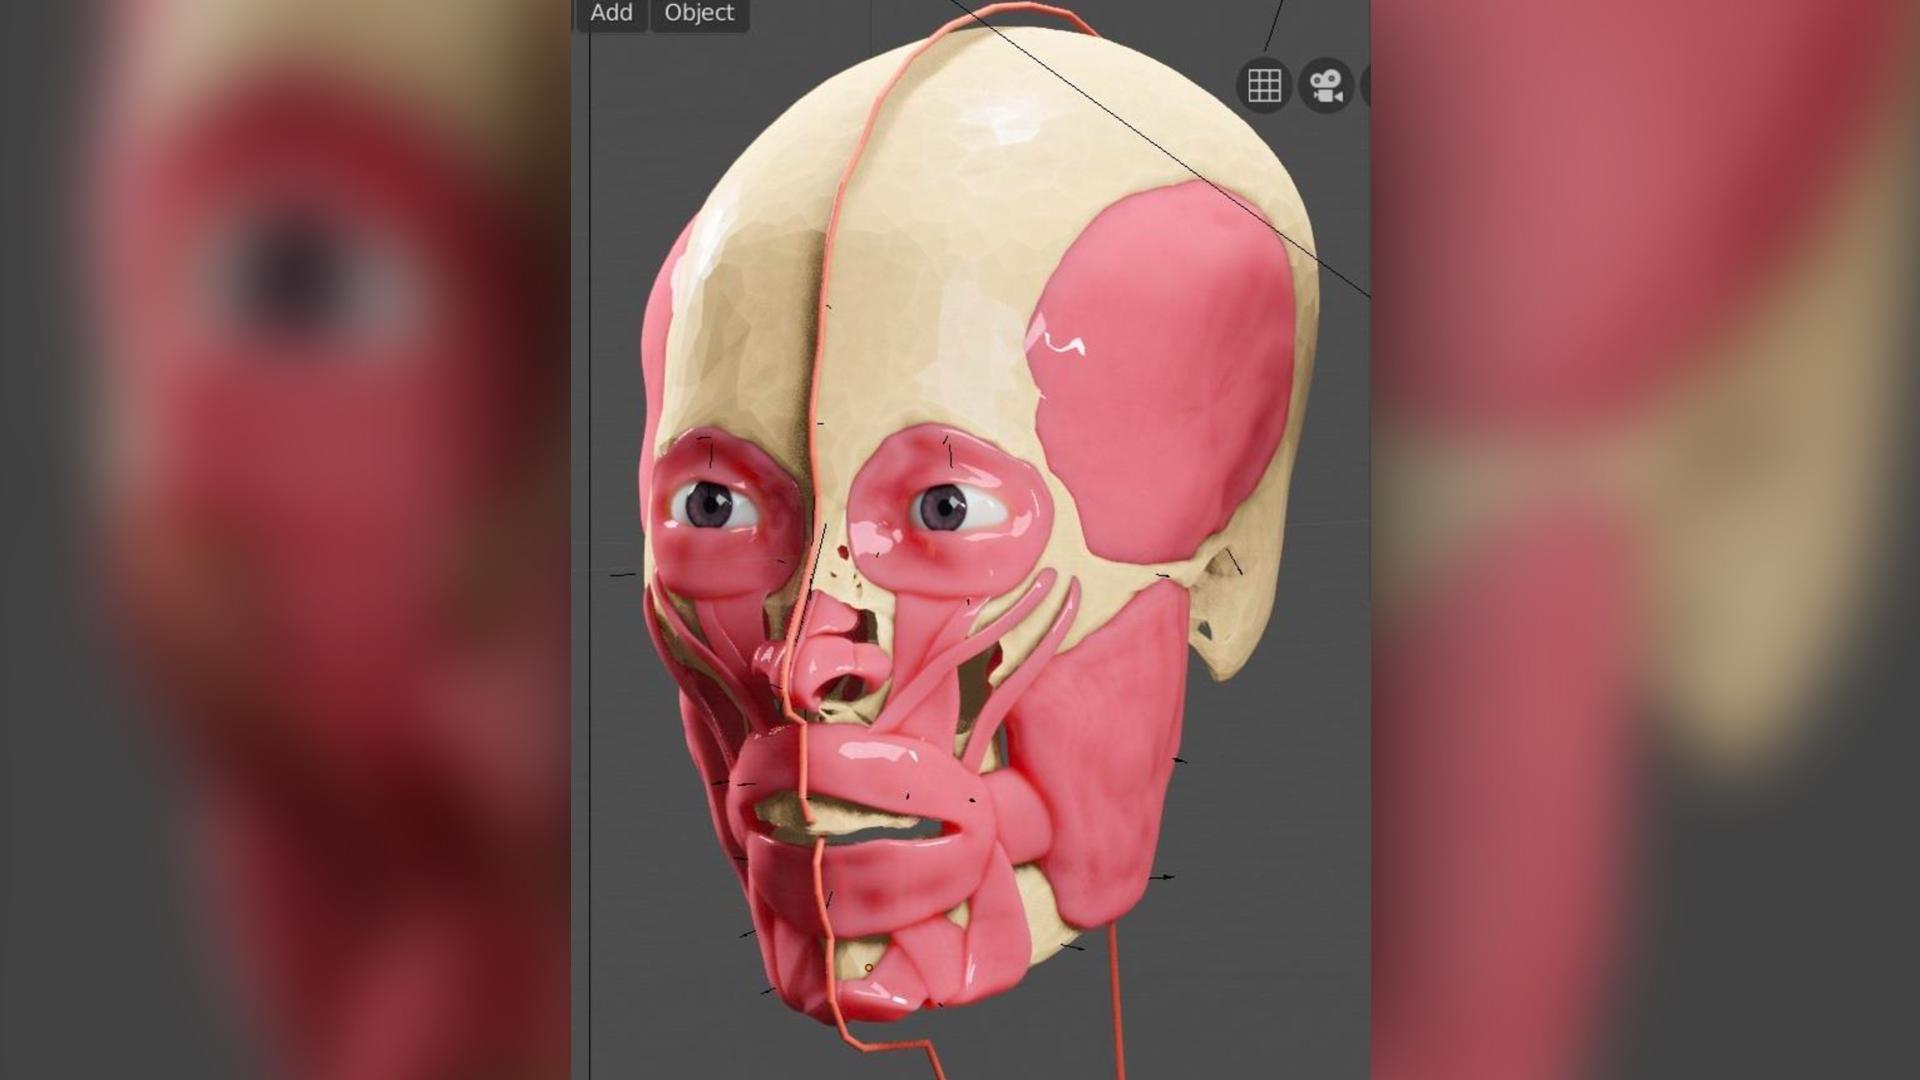 Les muscles faciaux et les ligaments ont été modélisés numériquement sur le crâne du KV 55.